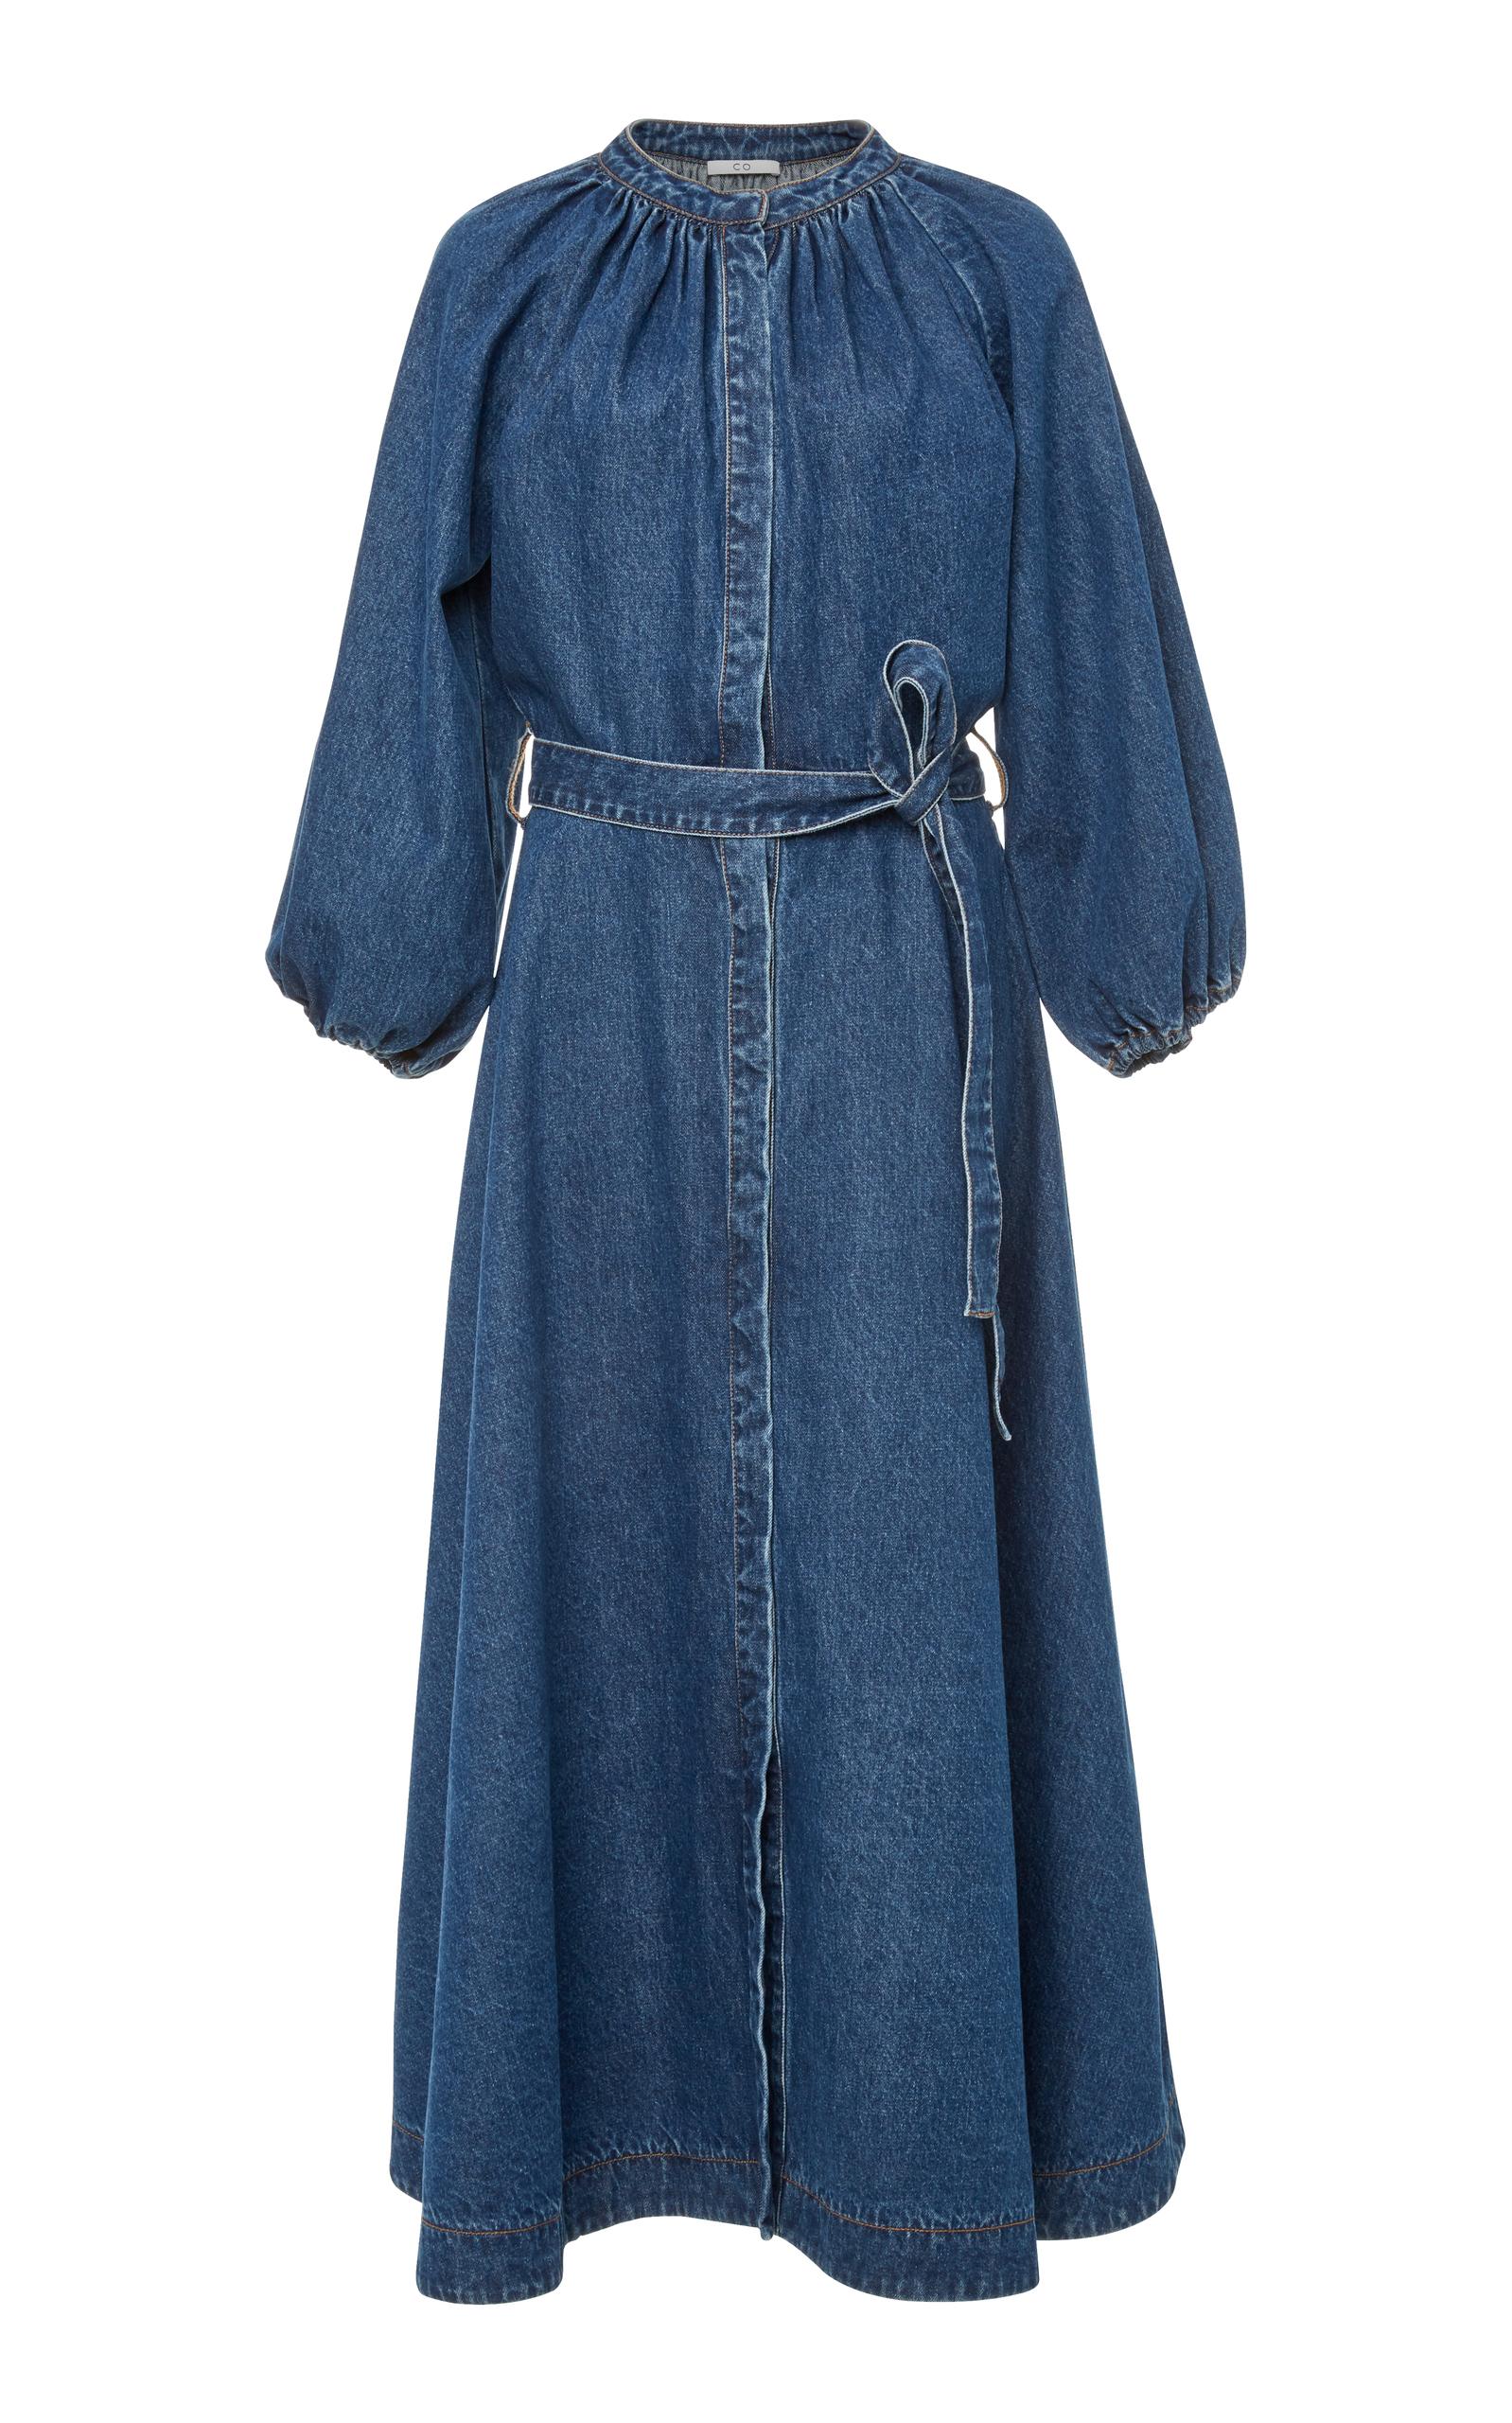 Pouf-Sleeve Self-Tie Denim Long Dress in Blue